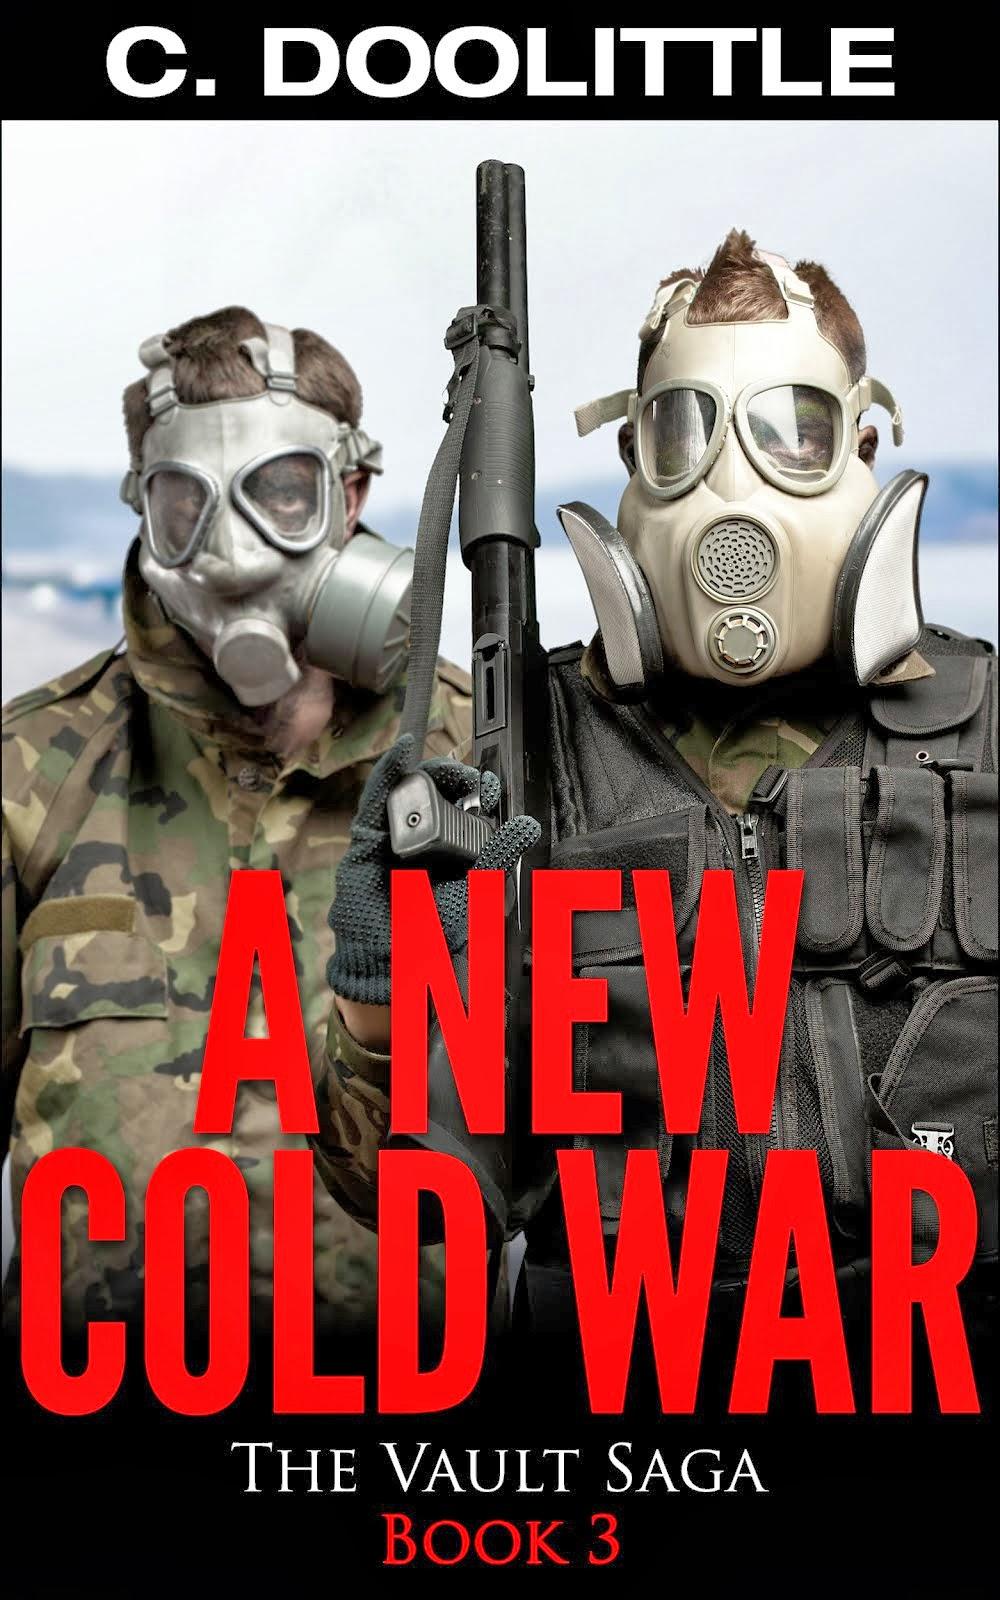 A New Cold War